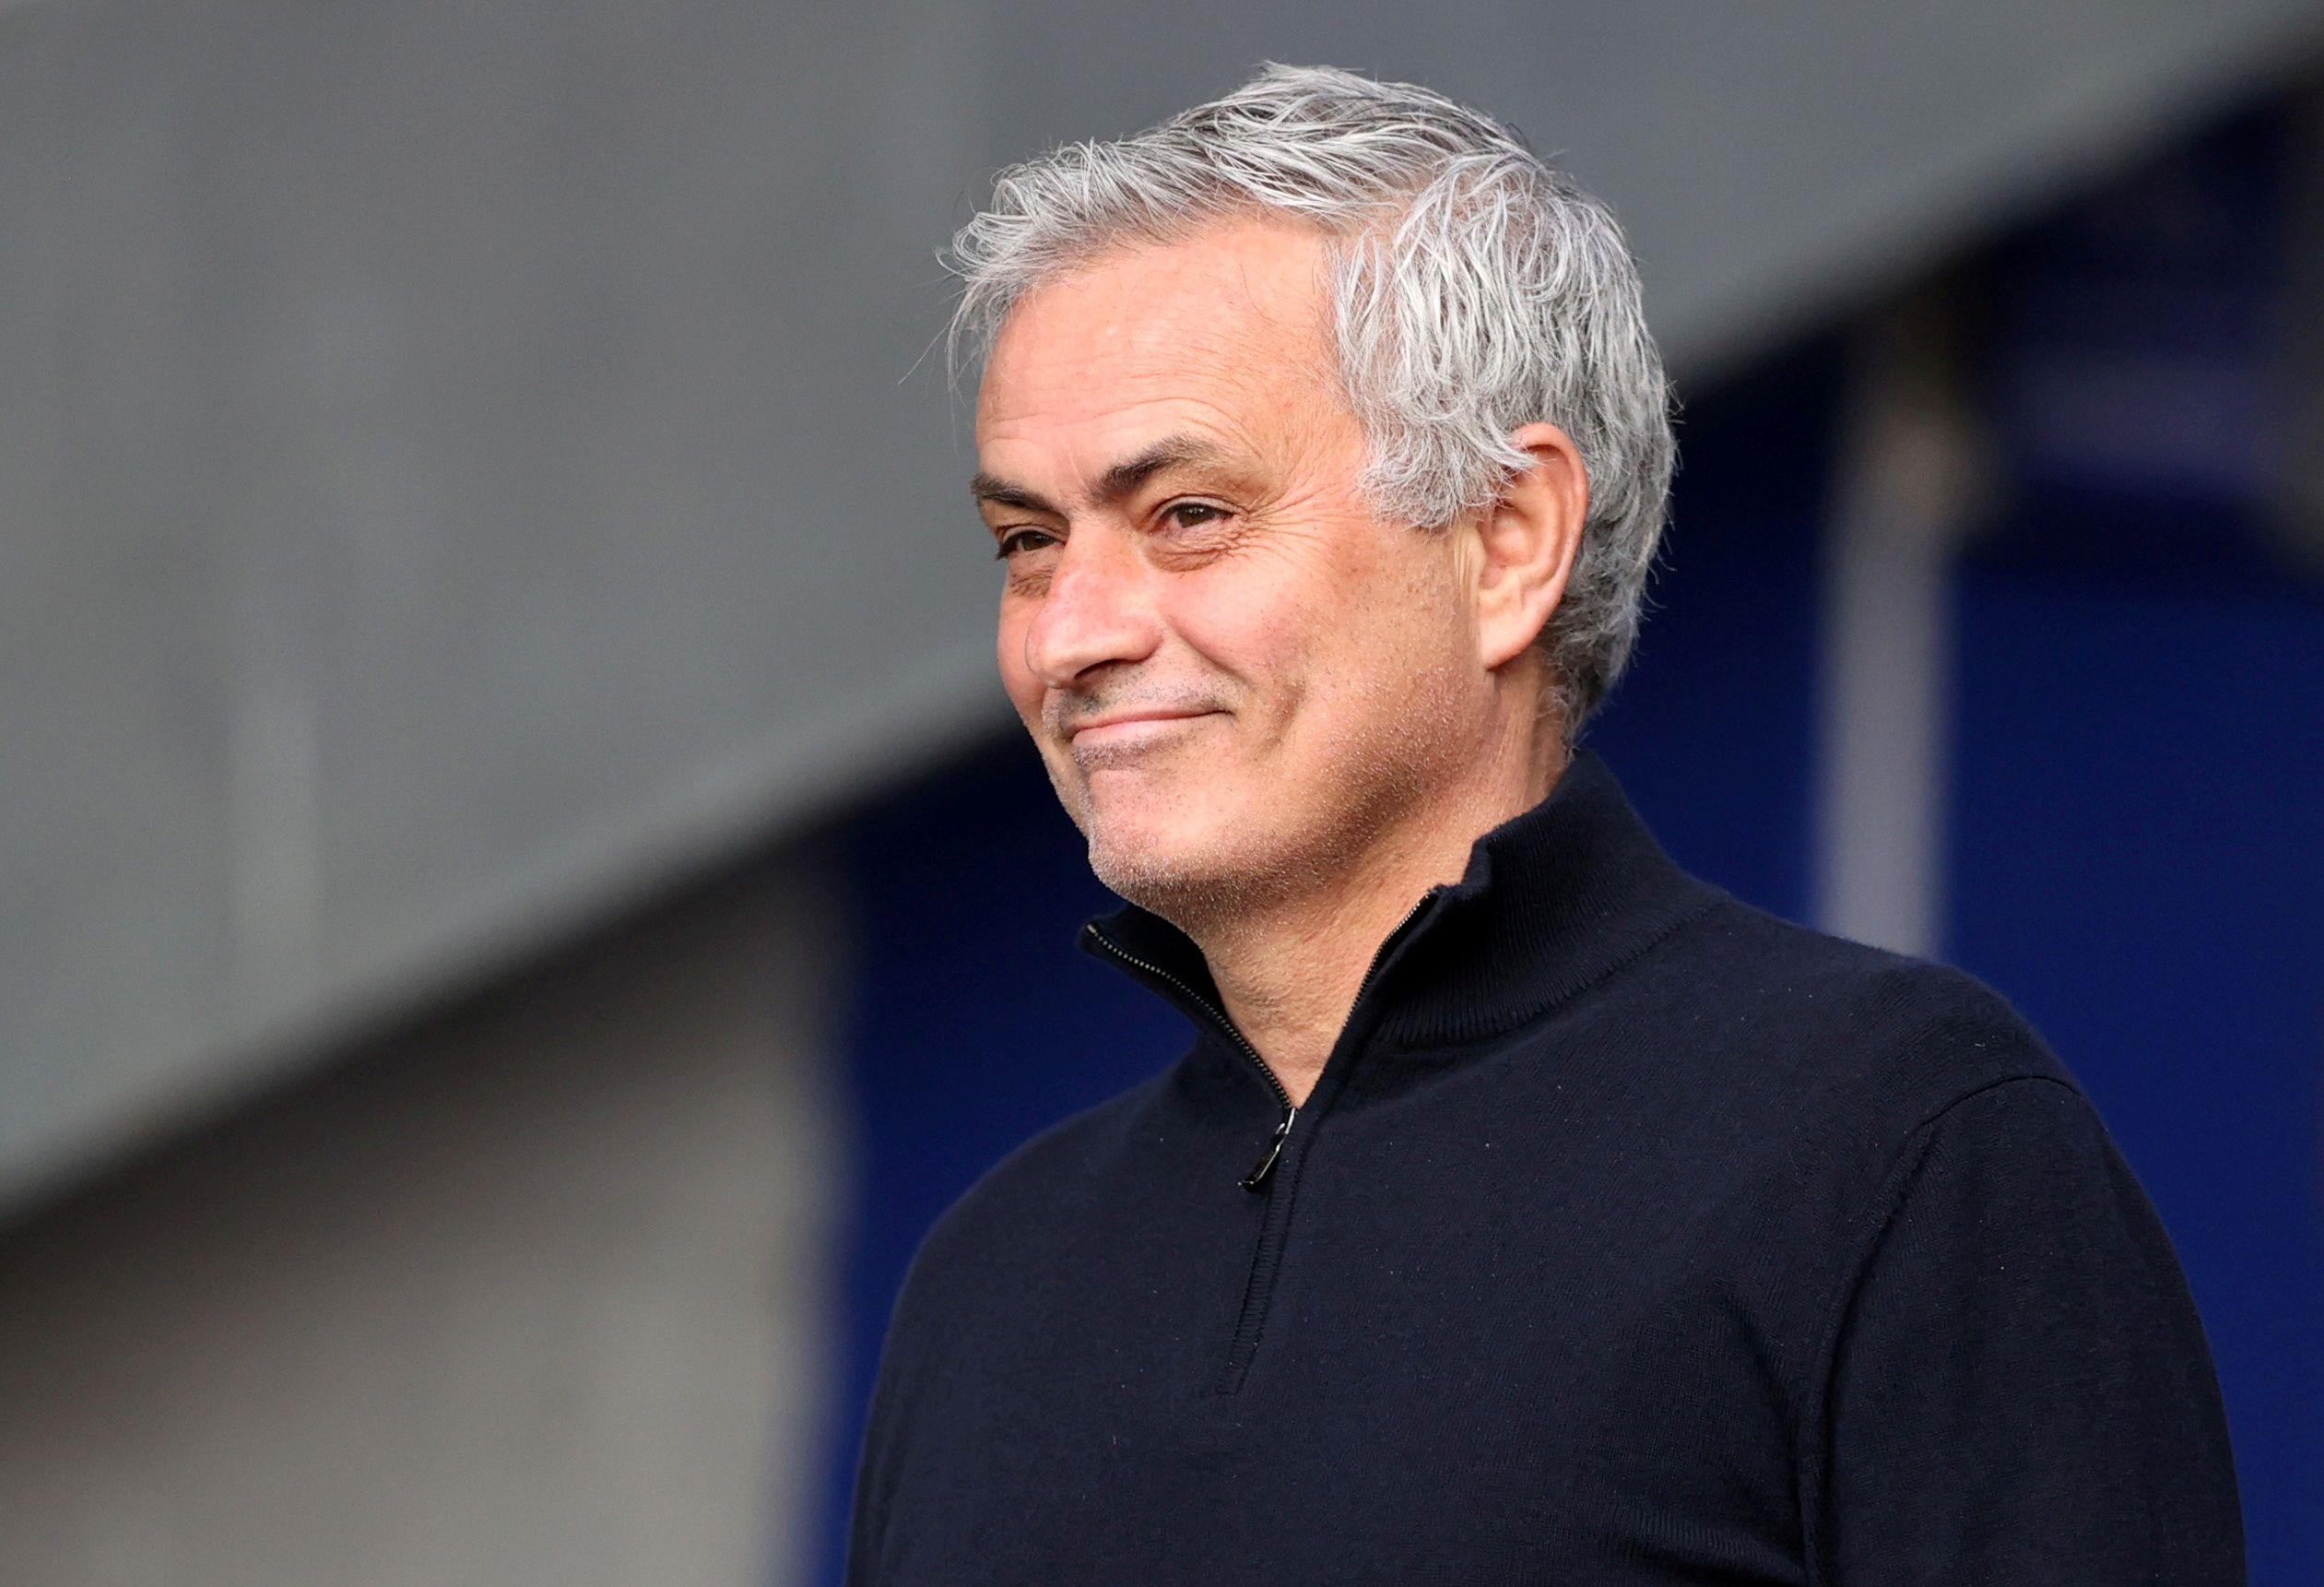 José Mourinho tendría en carpeta a Robert Rojas, defensor de River (REUTERS/Clive Brunskill)